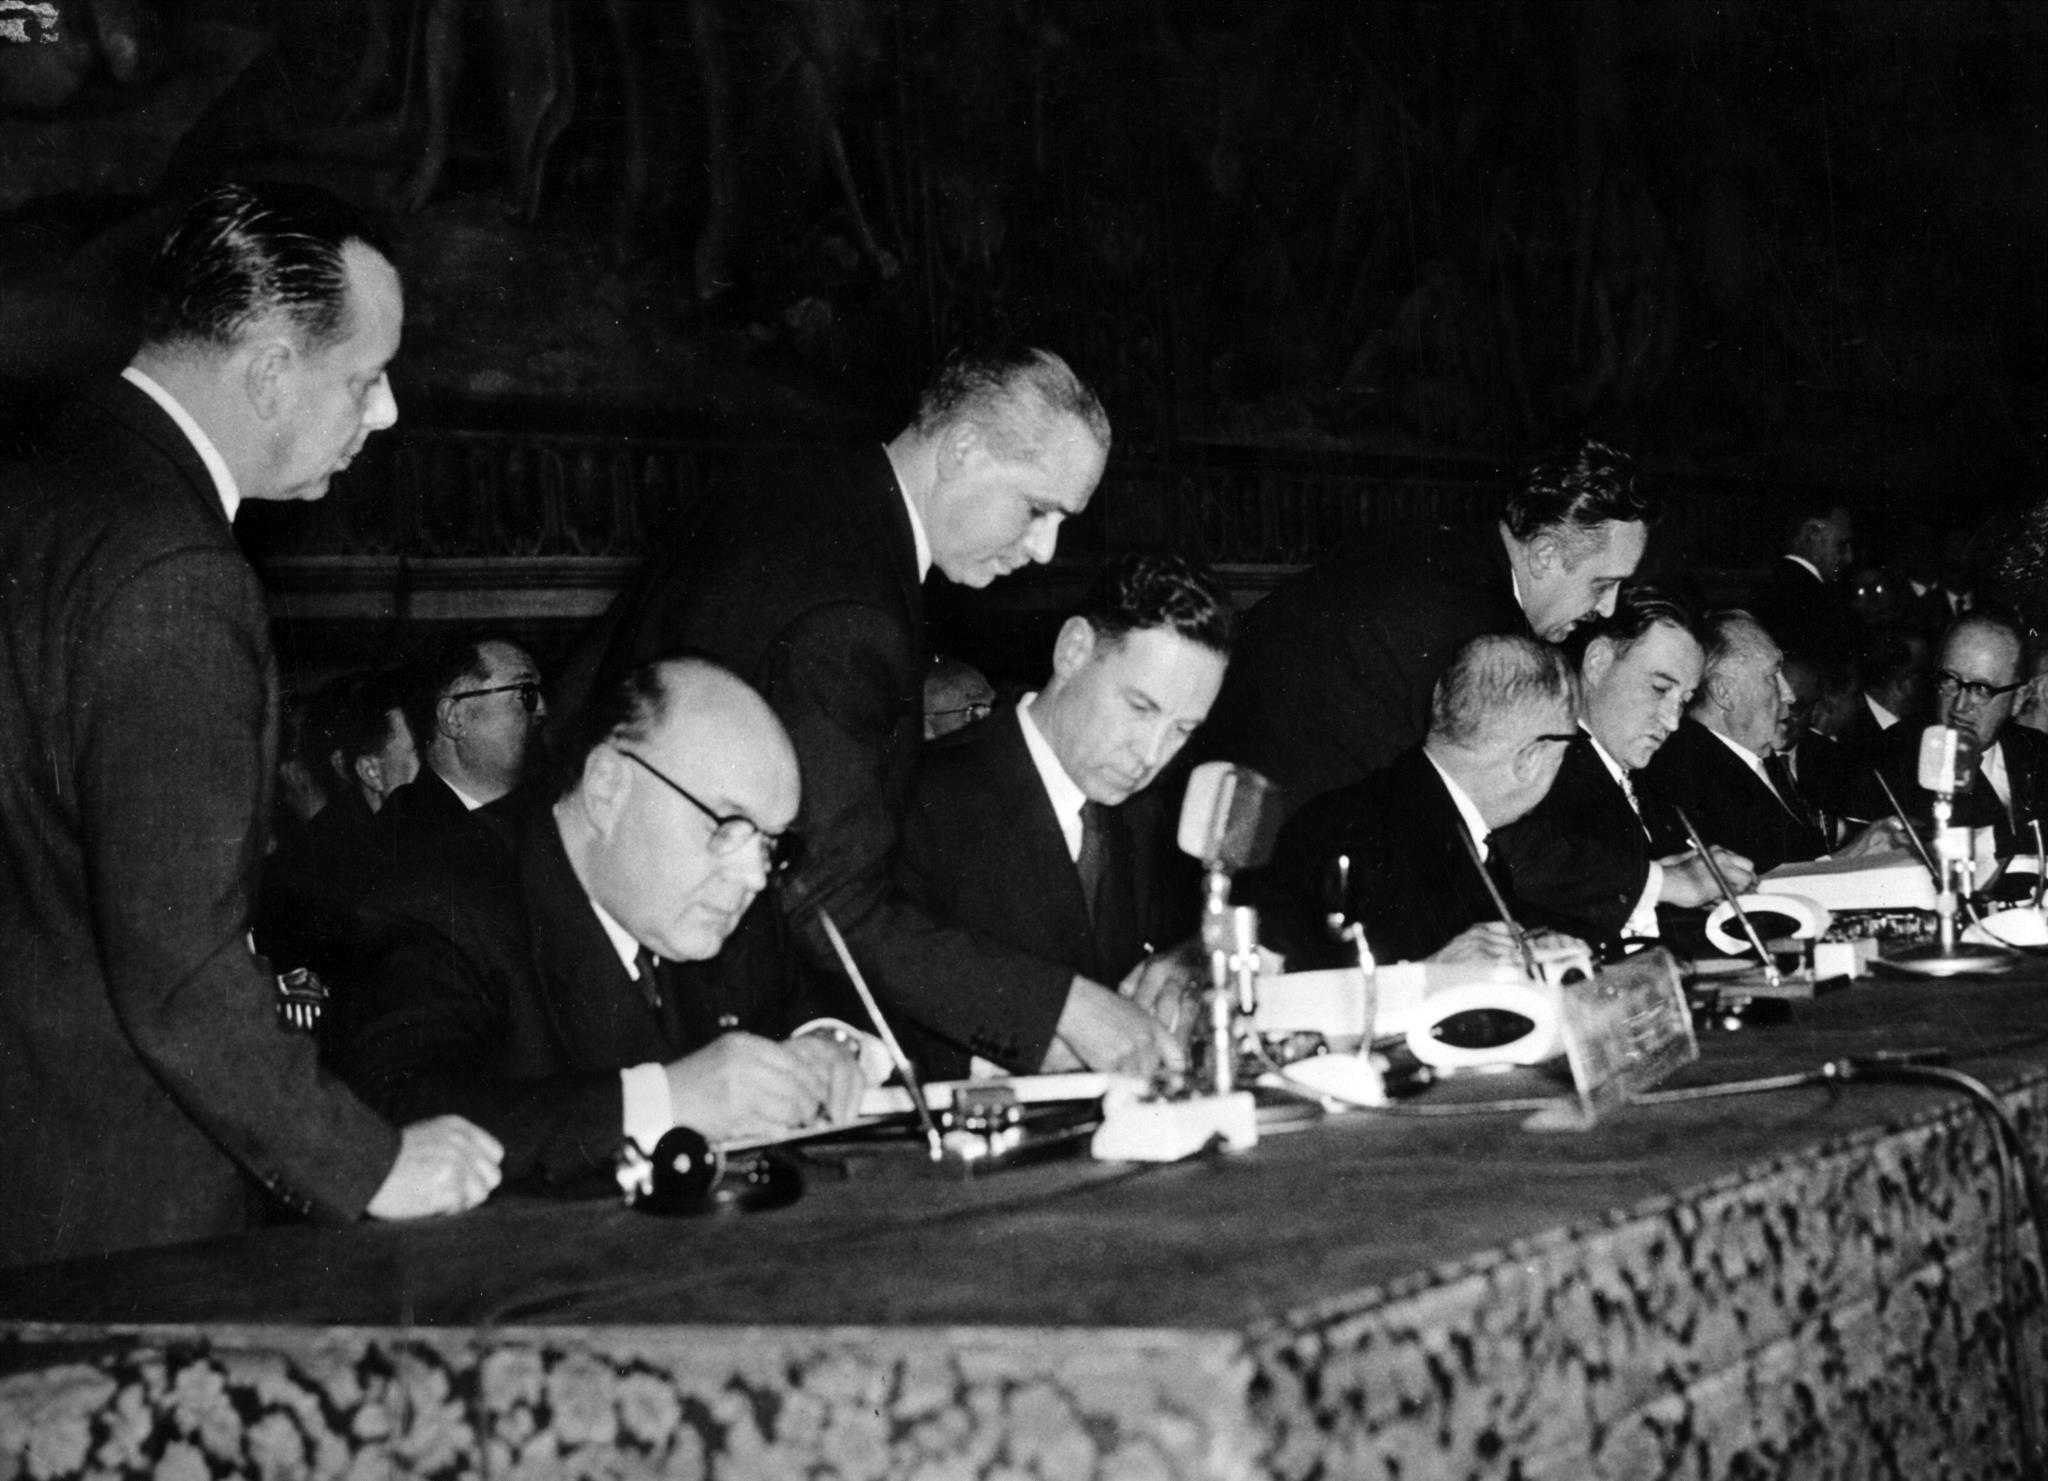 Sentados da esquerda para a direita: Paul-Henri Spaak, Jean-Charles Snoy et d'Oppuers, Christian Pineau, Maurice Faure, Konrad Adenauer, Walter Hallstein e Antonio Segni, representando a Bélgica, França, Alemanha e Itália